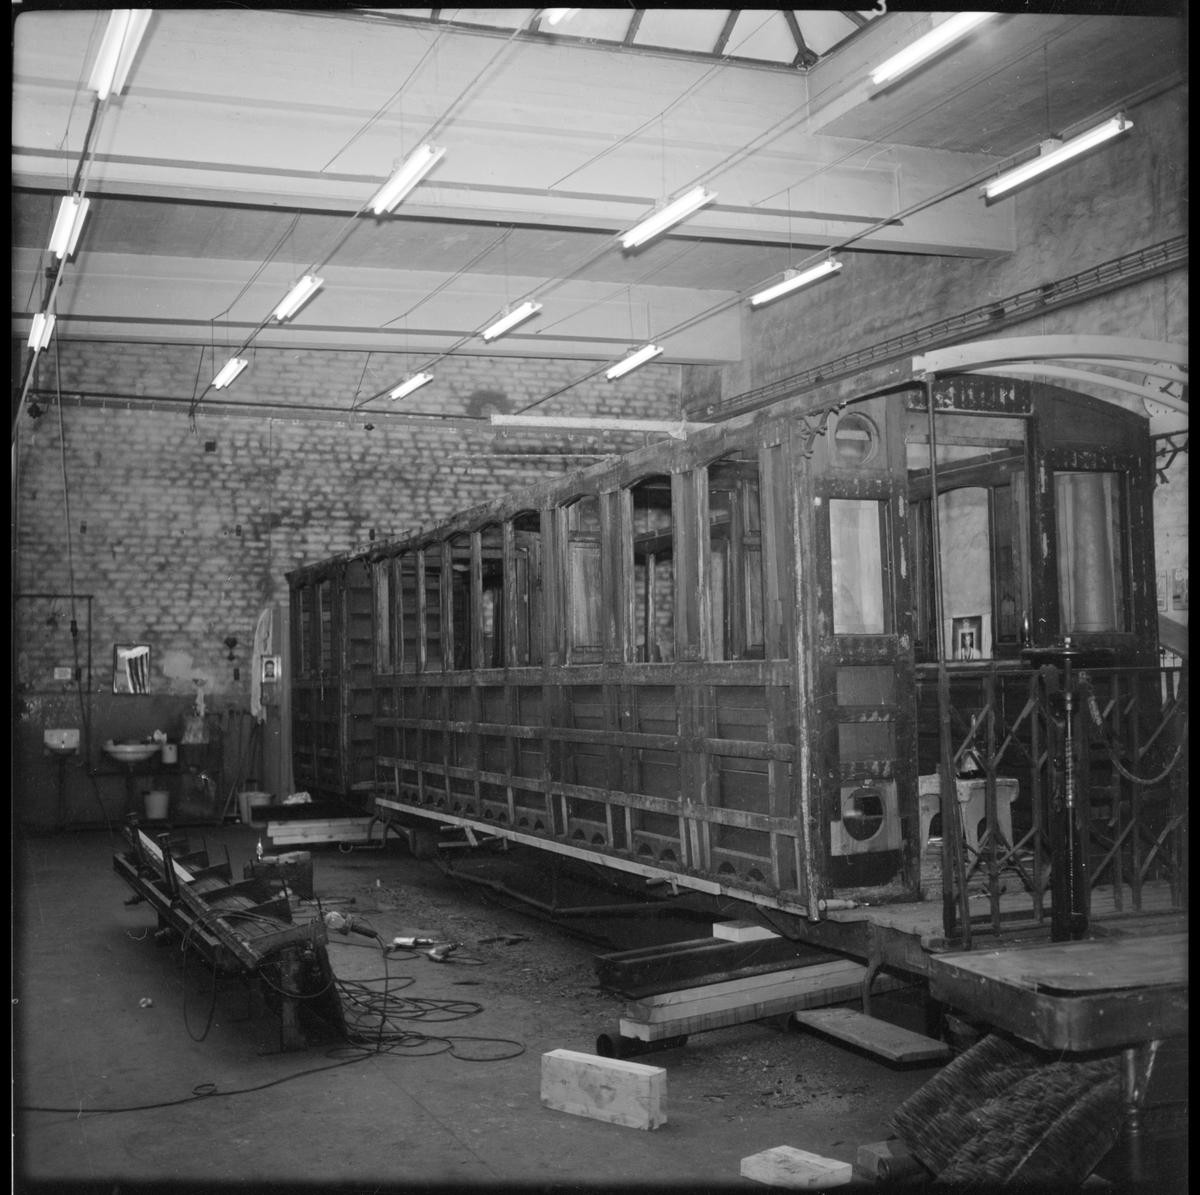 Restaurering av personvagn i verkstaden på Mariefreds järnvägsstation som användes av Museijärnväg Östra Södermanlands Järnväg, ÖSlJ.